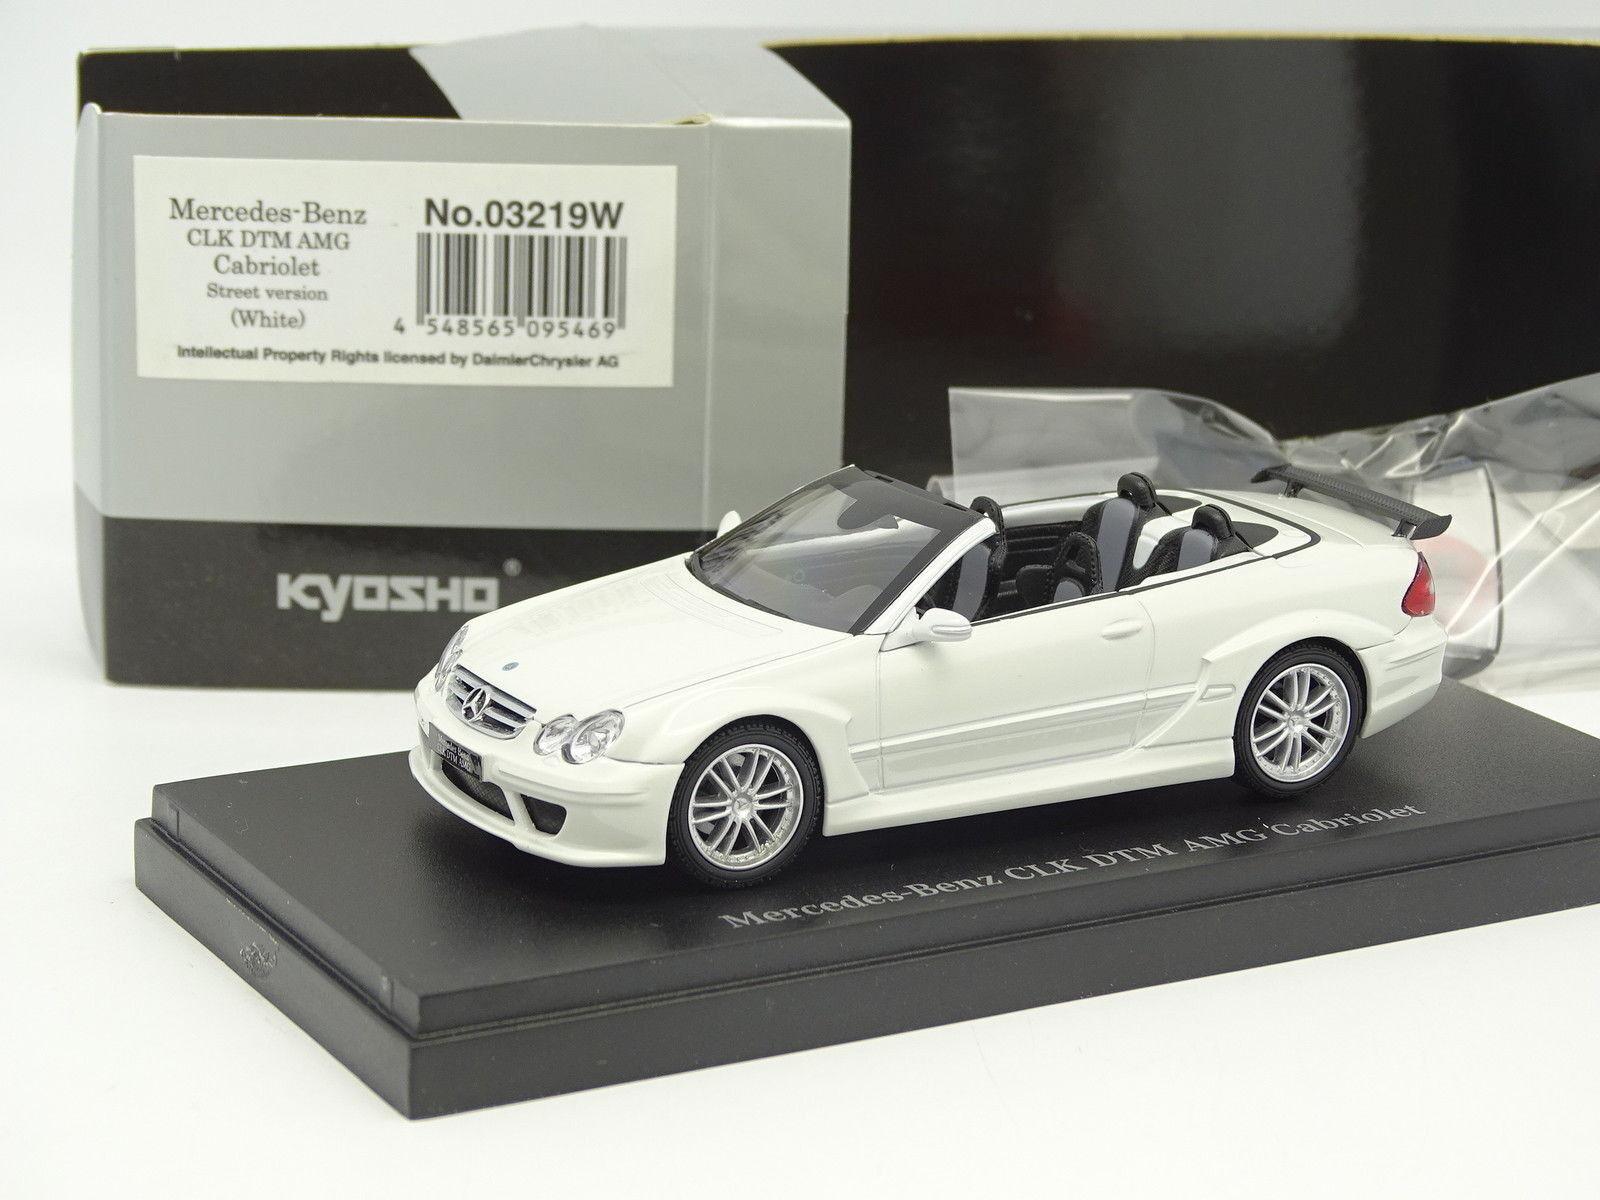 Kyosho Kyosho Kyosho 1 43 - Mercedes CLK AMG DTM Cabriolet white 56efdd